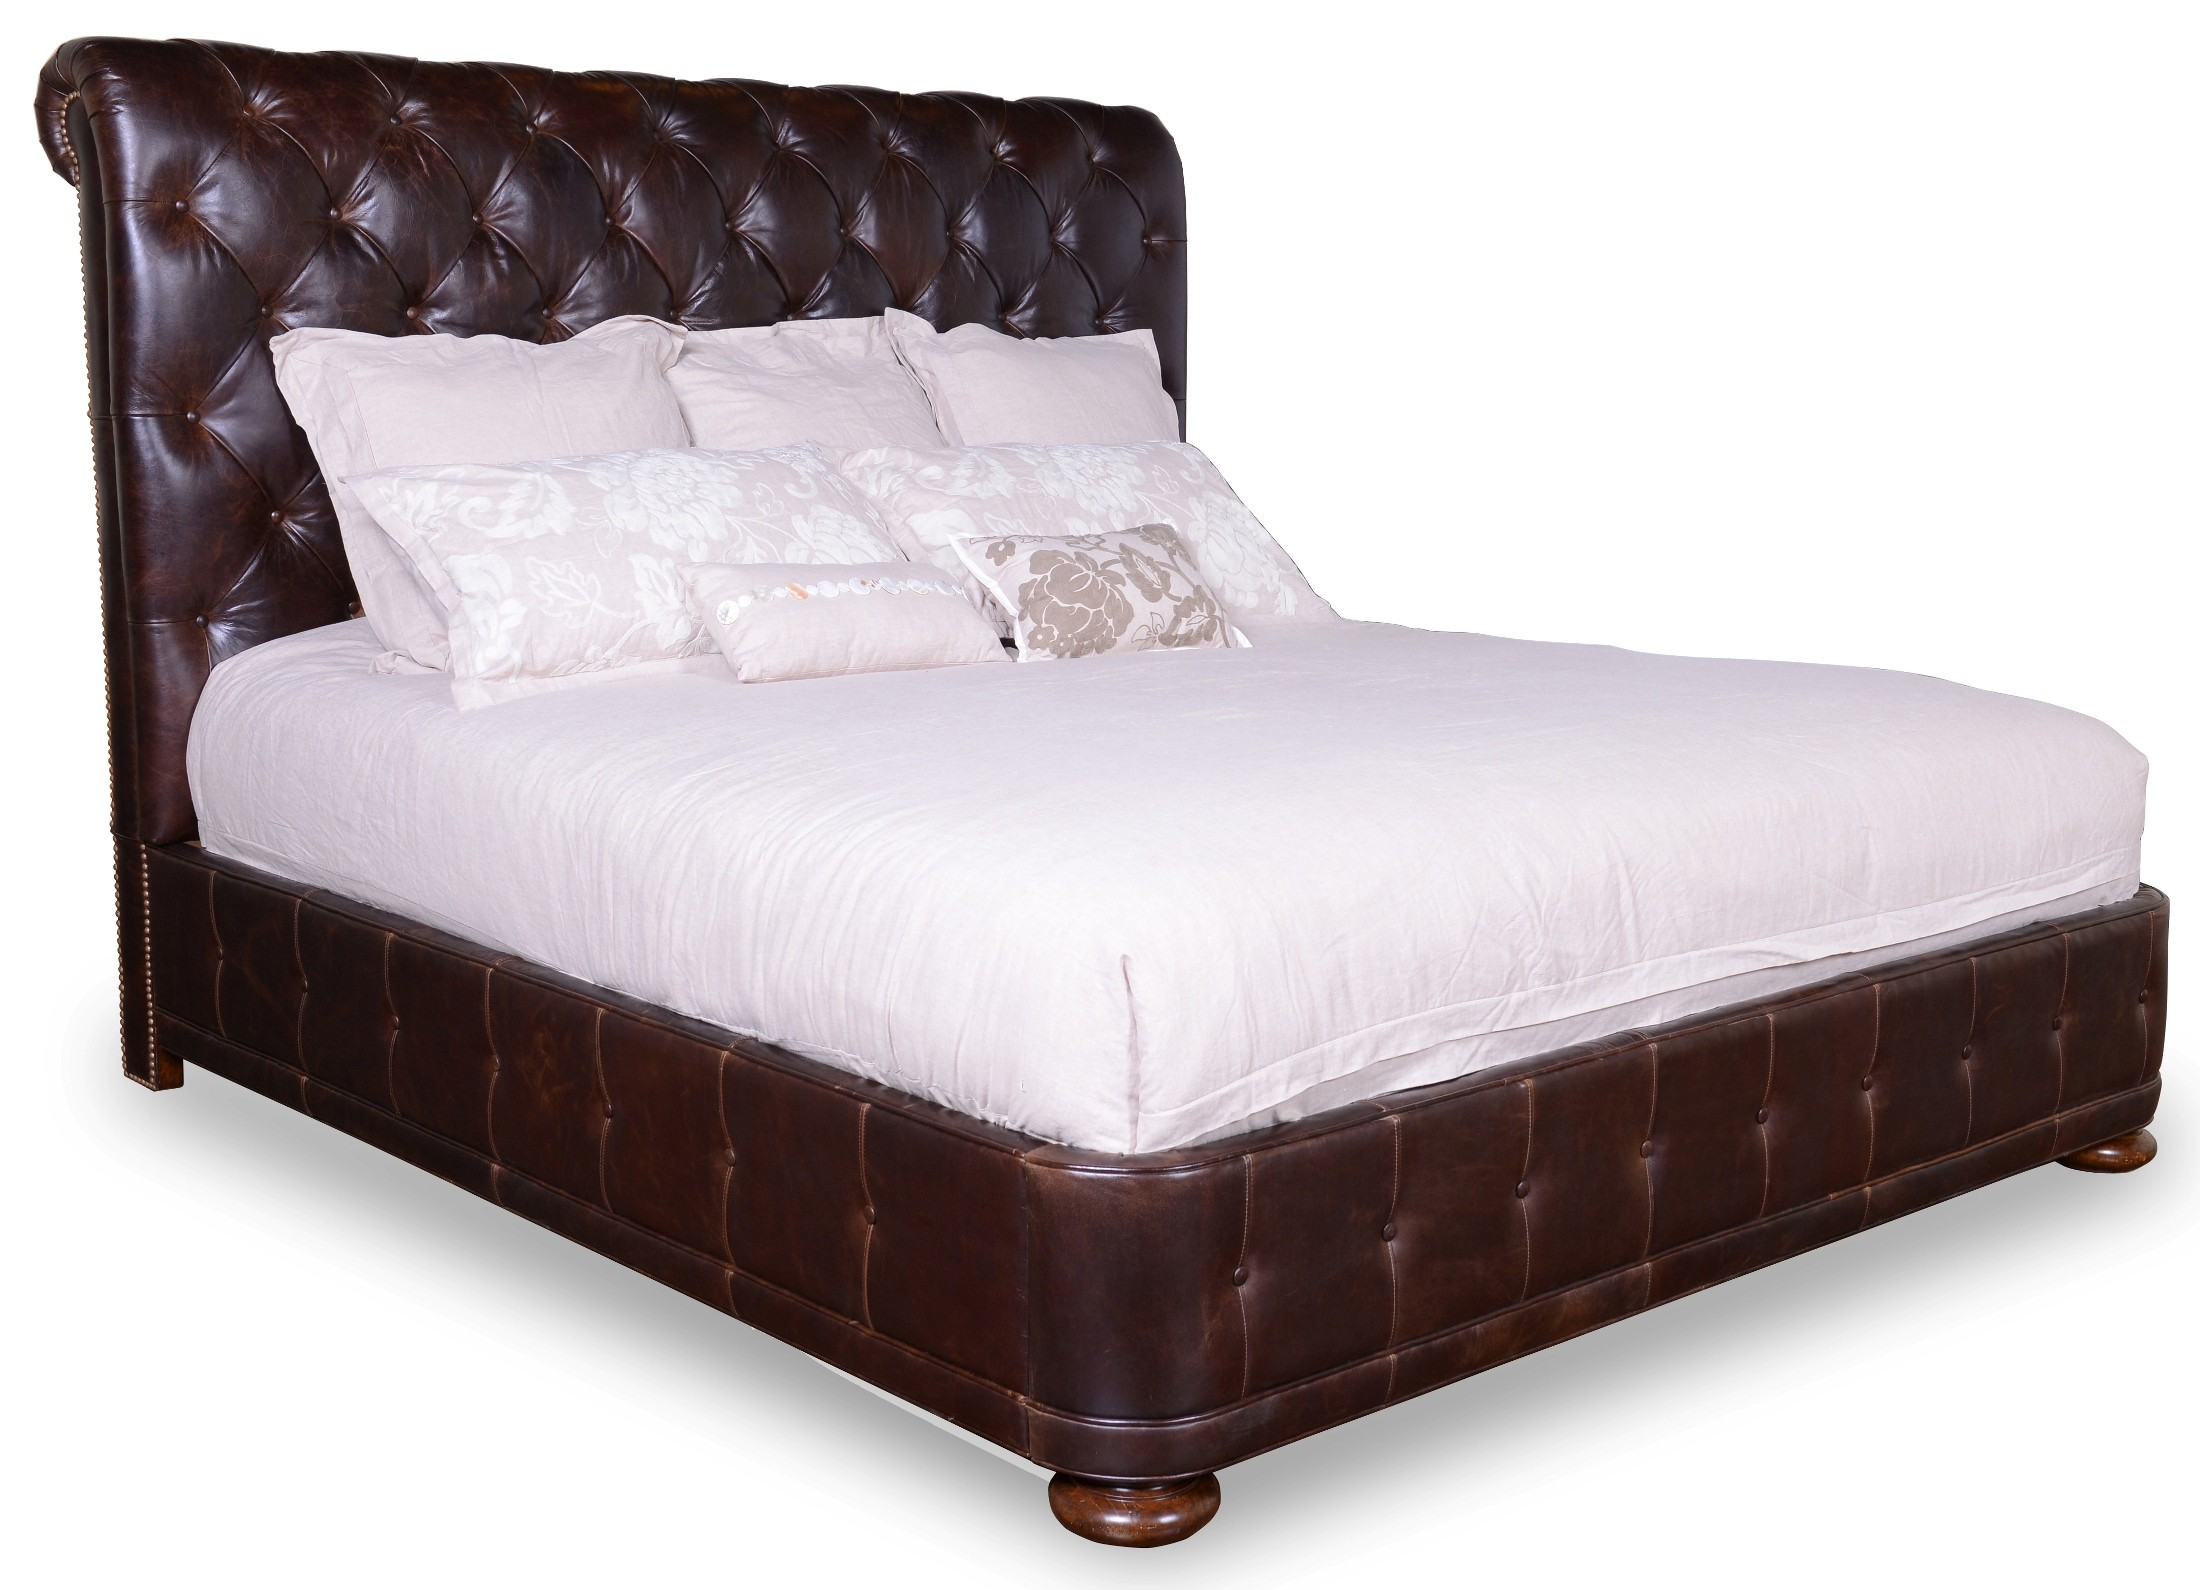 Whiskey barrel oak queen upholstered platform bed from art 205135 2304 coleman furniture - Oak platform beds ...